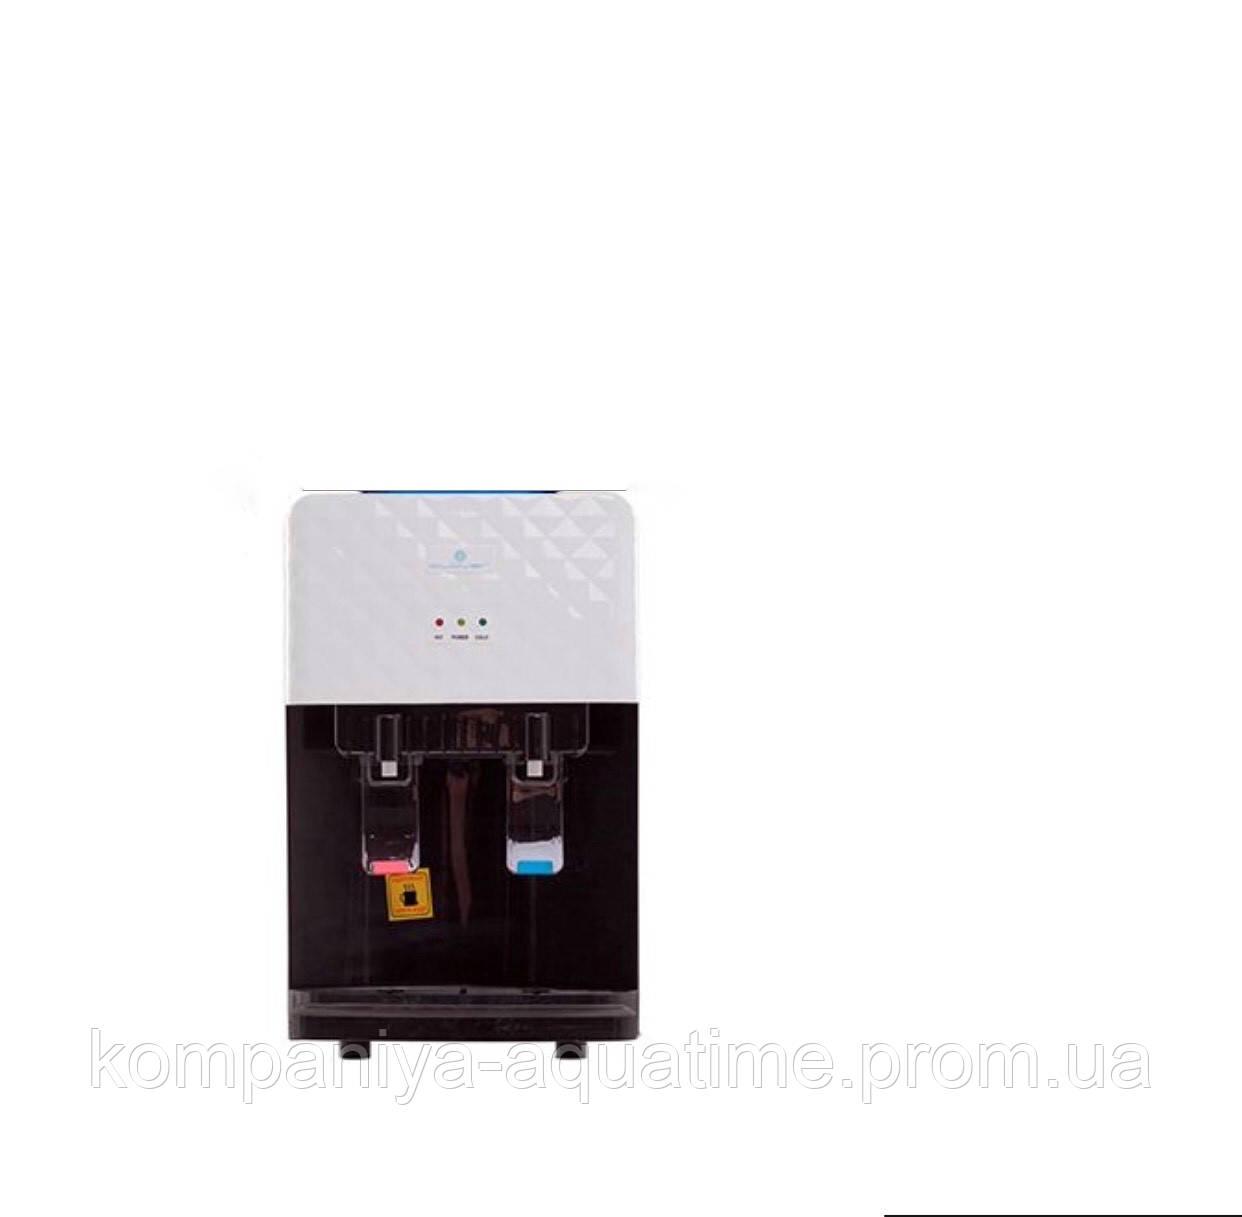 Кулер для води Clover із нагріванням та електричним охолодженням